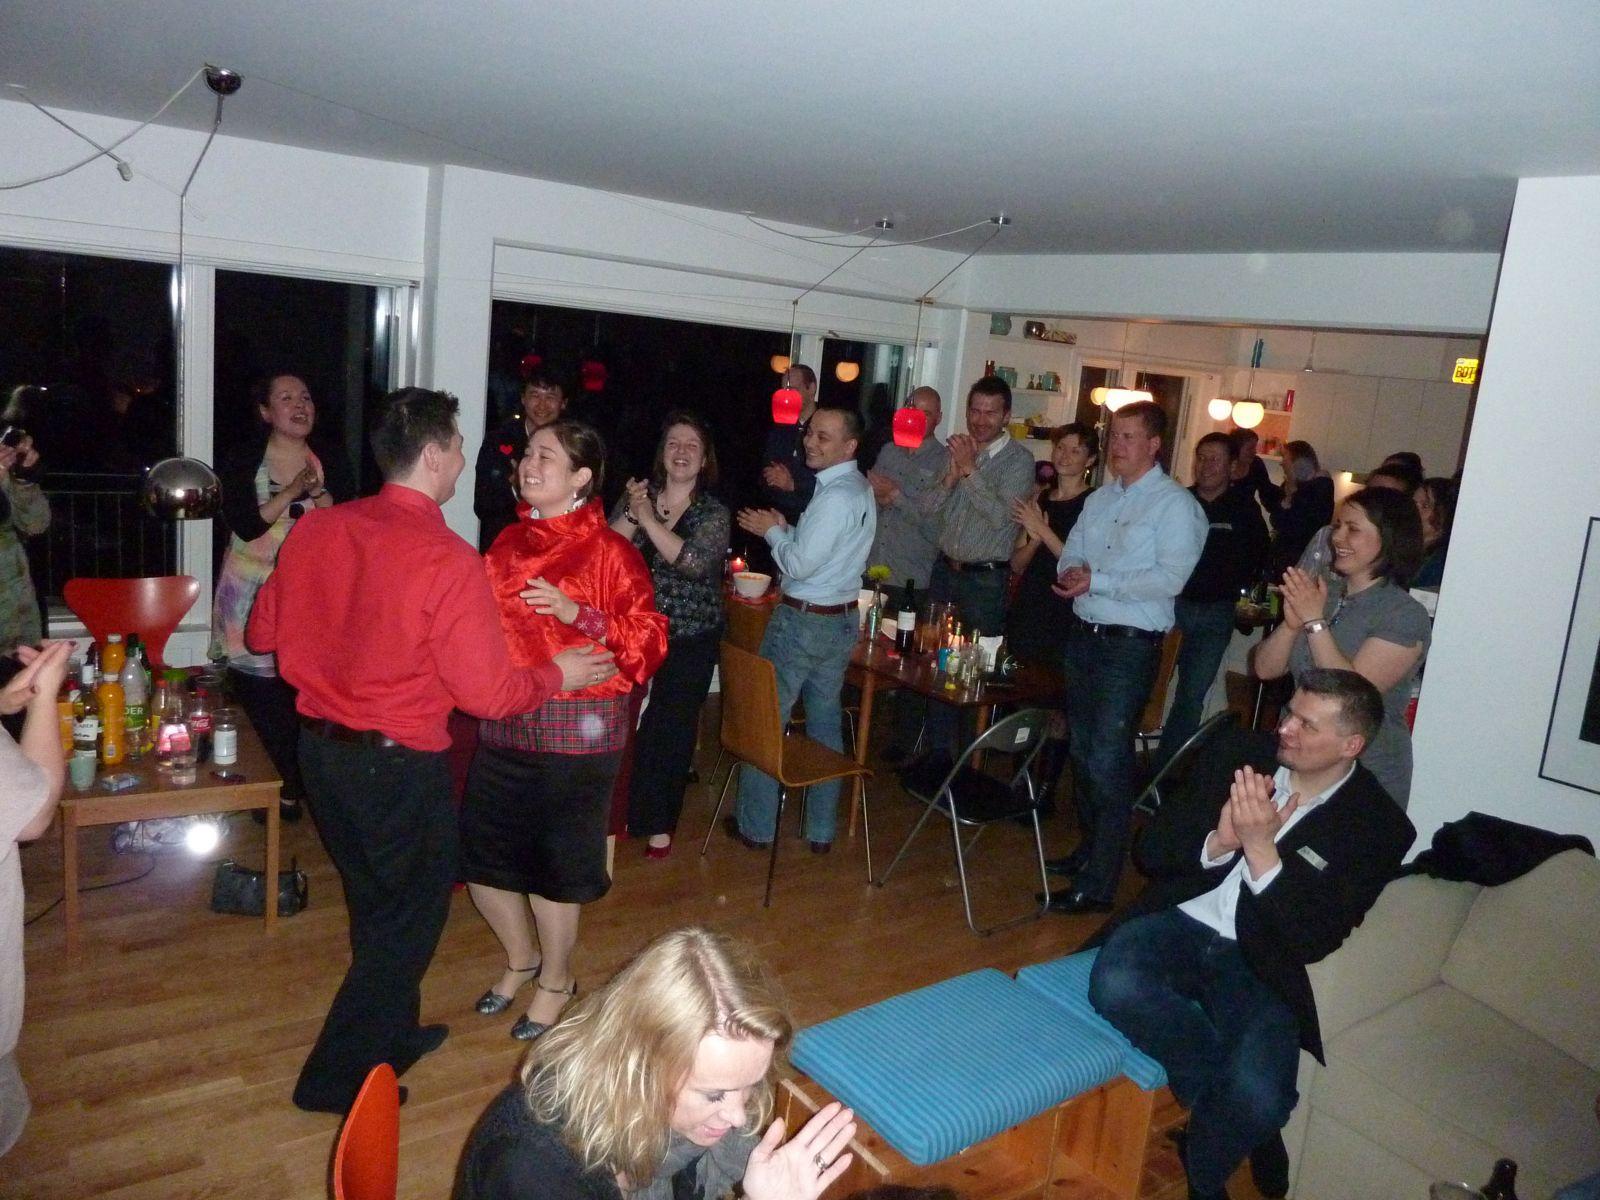 2010-04-16-2256_-_Maritha Eugenius Labansen